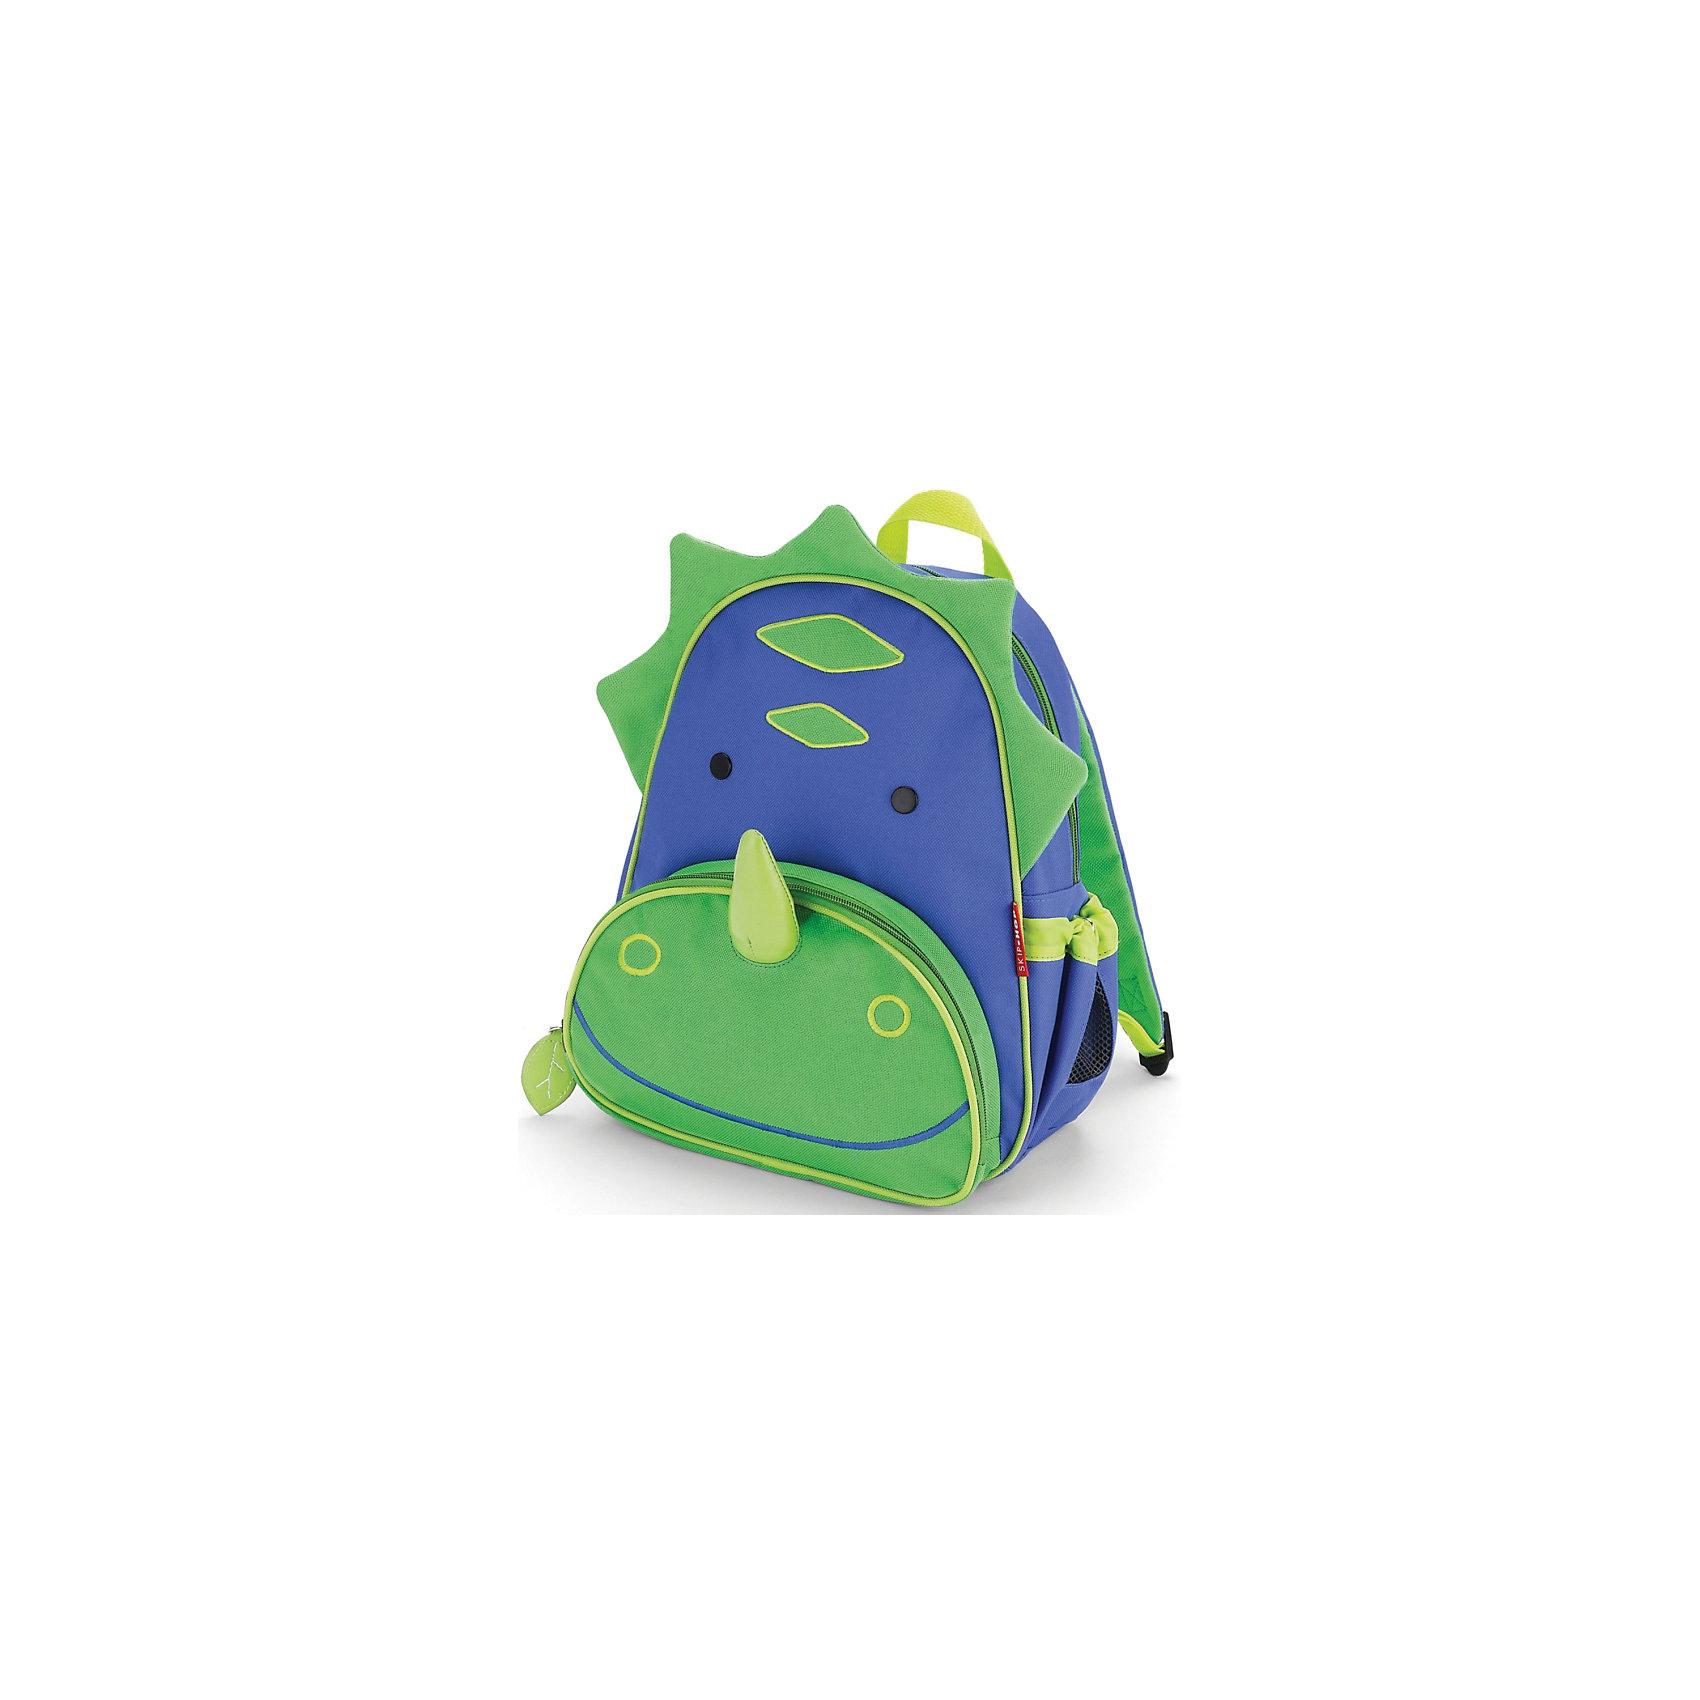 Рюкзак детский Динозавр, Skip HopДетские рюкзаки<br>Рюкзачок Skip Hop Zoo Pack каждый день будет радовать Вашего малыша, вызывать улыбки у прохожих и зависть у сверстников. С ним можно ходить в детский сад, спортивные секции, на прогулку, в гости к бабушке или ездить на экскурсии. В основной отсек легко поместится книжка, альбом для рисования, краски, фломастеры, любимая игрушка и контейнер с едой, а специальный кармашек сбоку предназначен специально для бутылочки с водой. Передний кармашек на молнии предназначен для мелких вещичек. Внутренний кармашек на резиночке зафиксирует положение содержимого: не даст выпасть фломастерам или сломаться киндер-сюрпризу. Рюкзачок выполнен из прочной ткани, способной выдерживать бесконечное количество стирок в машинке. Лямки рюкзачка мягкие, регулируемые. <br><br> <br><br>• Размер: 11 x 25 х 29 см<br><br>• Для детей с 3 лет<br><br>Ширина мм: 290<br>Глубина мм: 50<br>Высота мм: 320<br>Вес г: 350<br>Возраст от месяцев: 24<br>Возраст до месяцев: 72<br>Пол: Унисекс<br>Возраст: Детский<br>SKU: 5608248